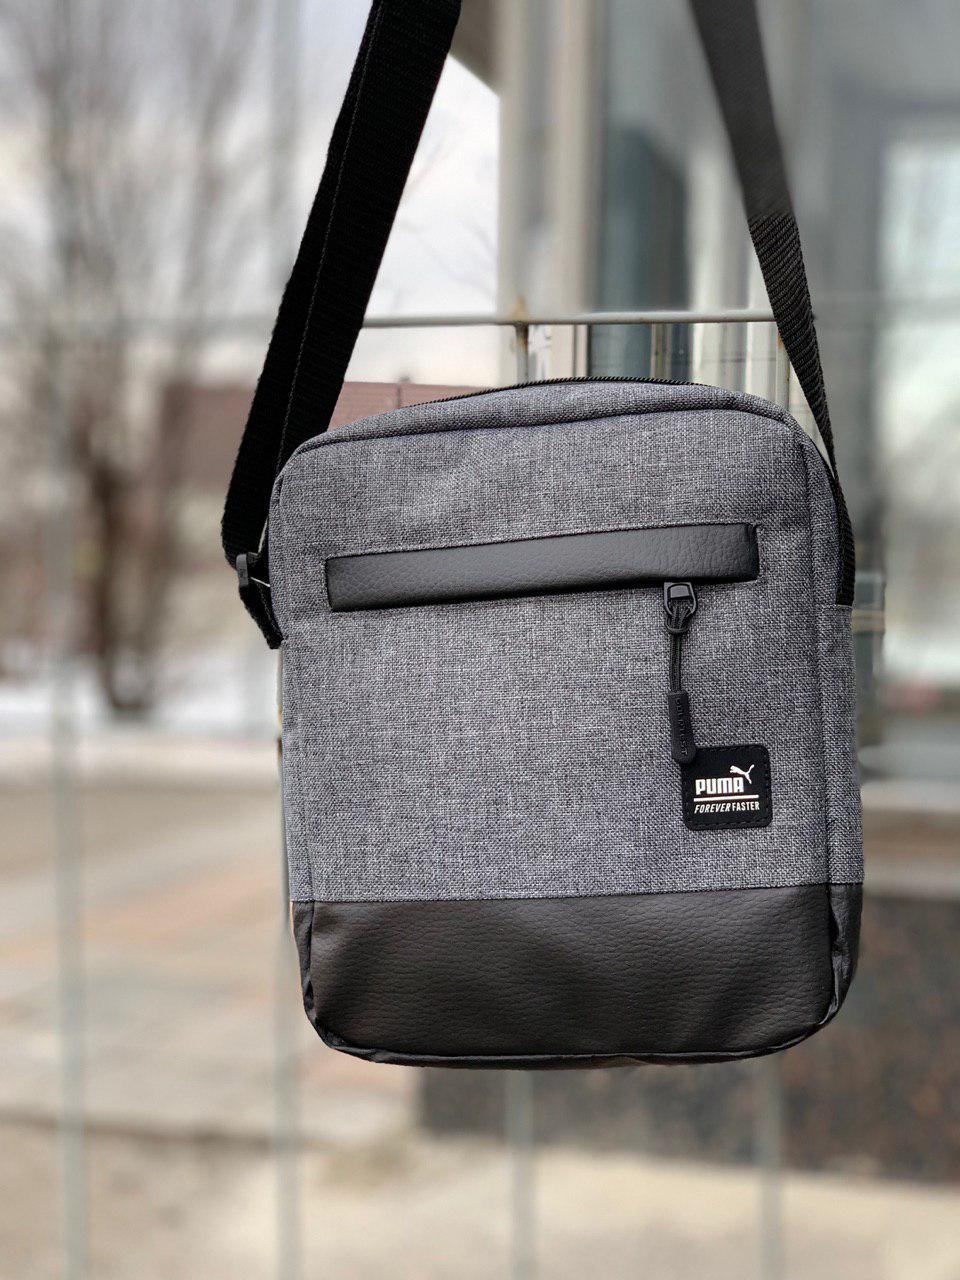 de0f0eecb34c Барсетка мужская, сумка через плечо, мессенджер / серая - Интернет-магазин